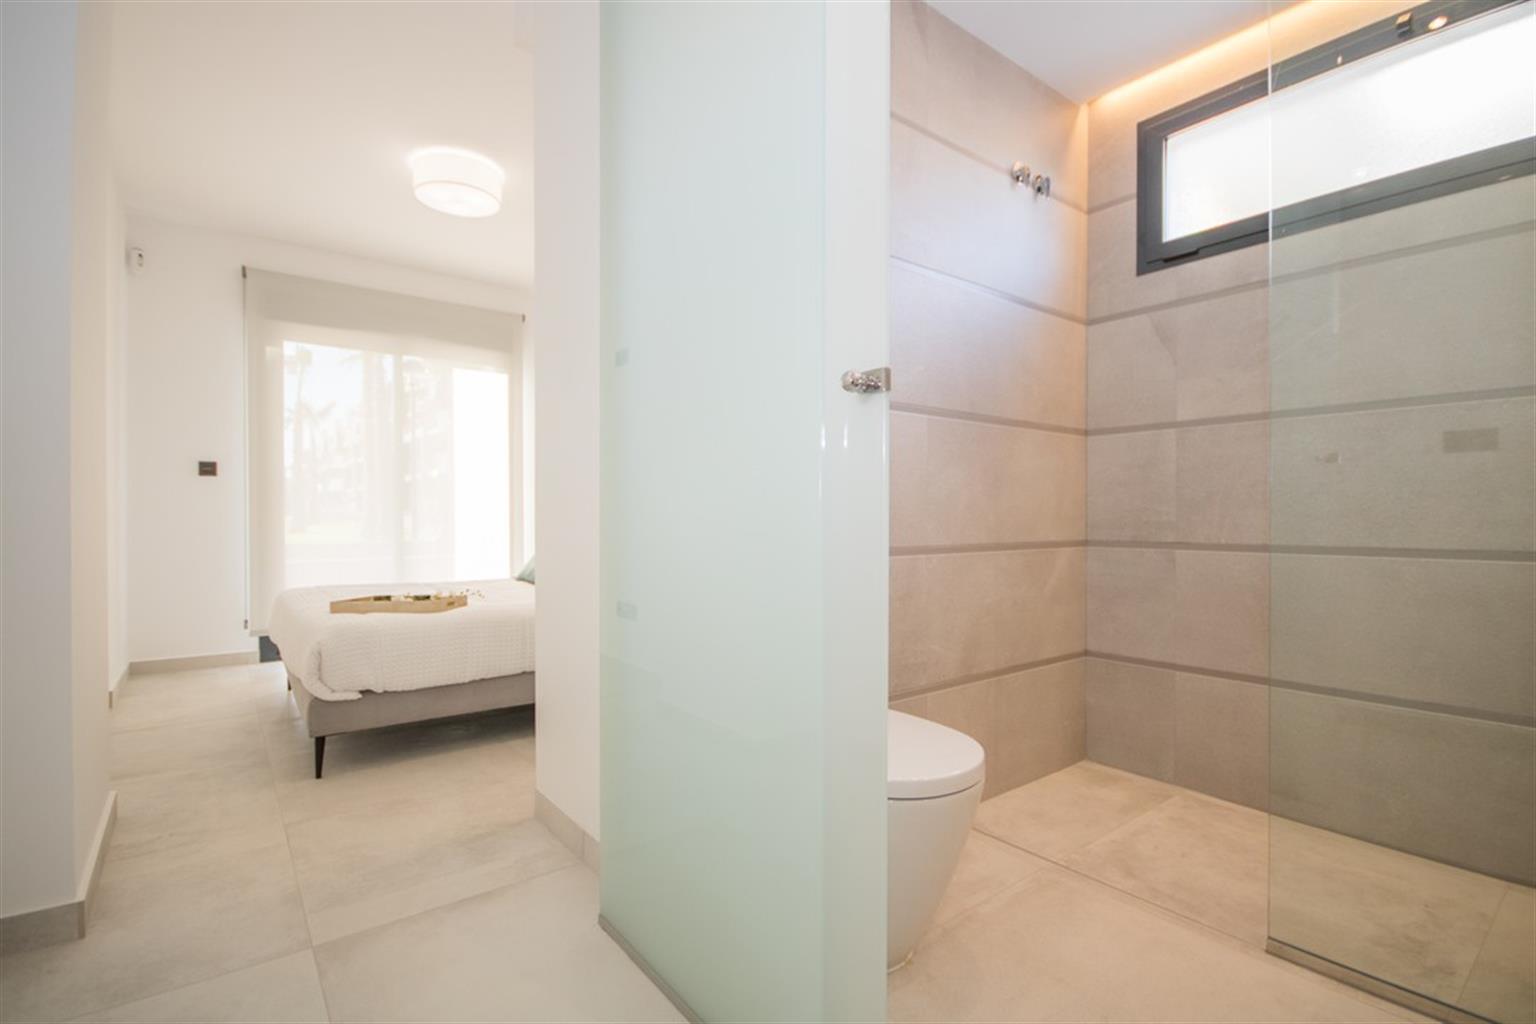 Appartement - El Raso  - #4230271-32